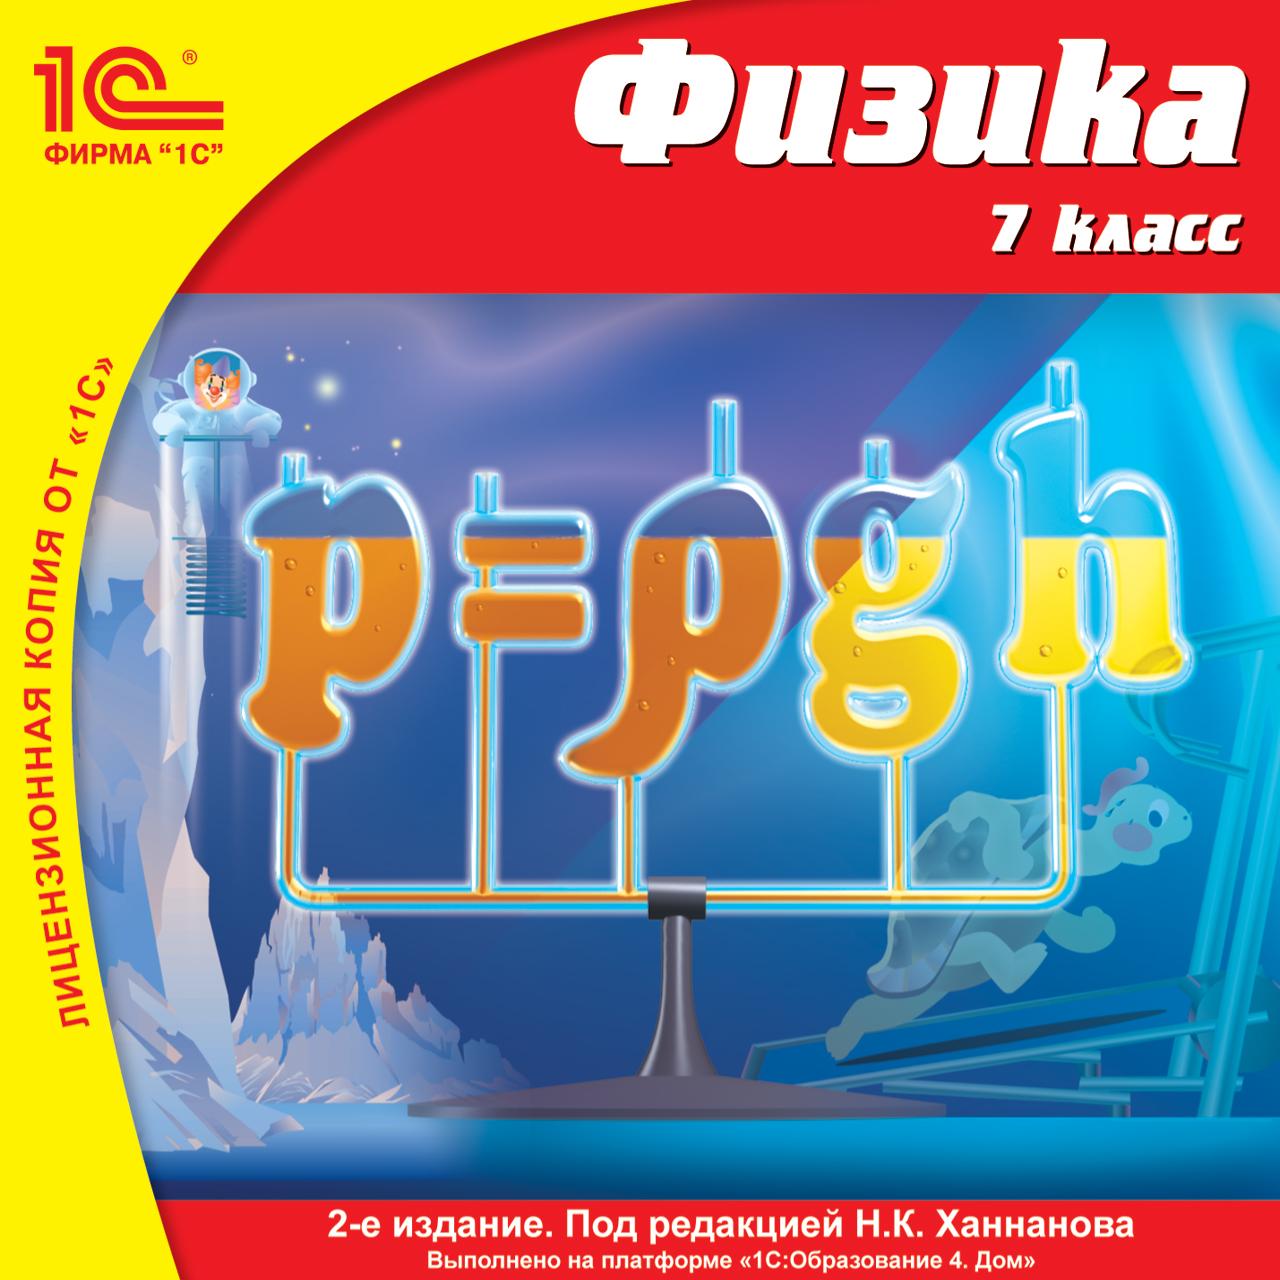 Физика, 7 класс (2-е издание)Образовательный комплекс Физика, 7 класс (2-е издание) содержит авторский учебник Н.К. Ханнанова, содержащий темы школьного курса физики для 7-го класса, соответствующие темам учебника А.В. Перышкина.<br>